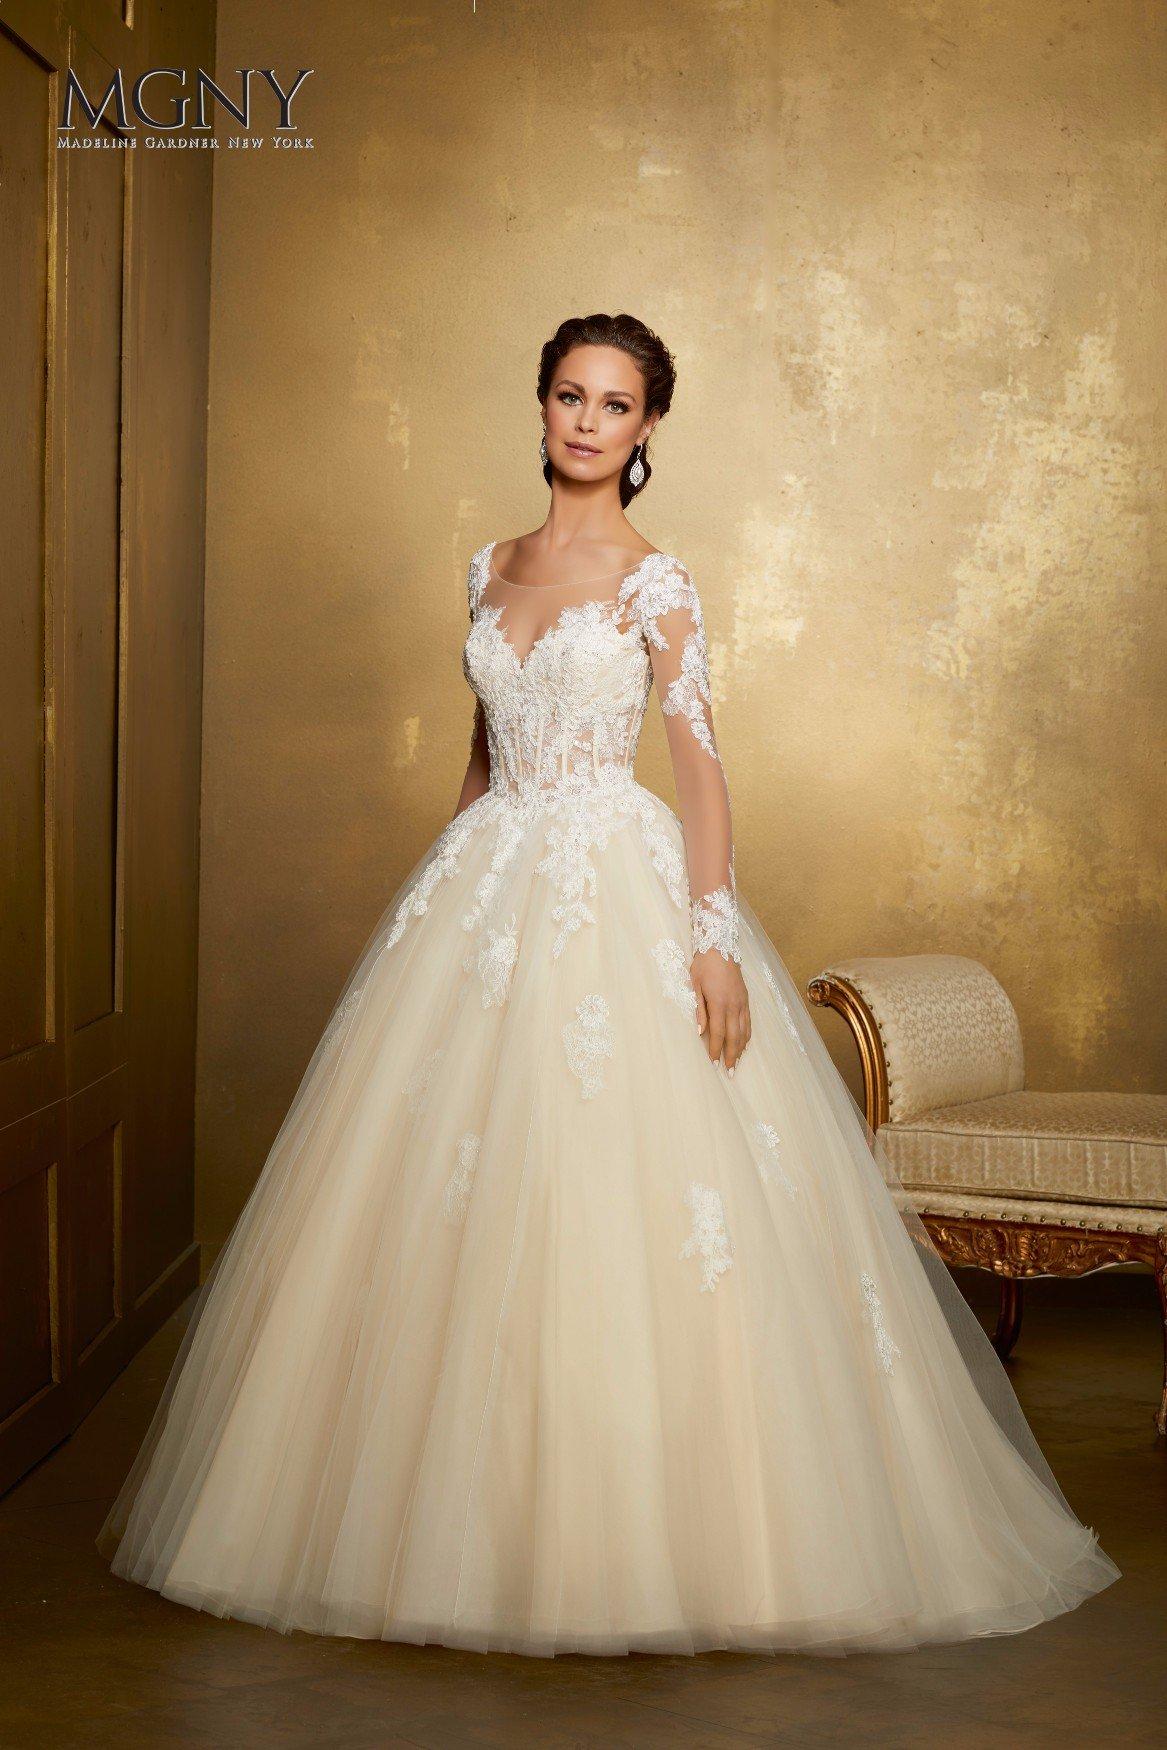 Sposa con abito da sposa ricamato in oro